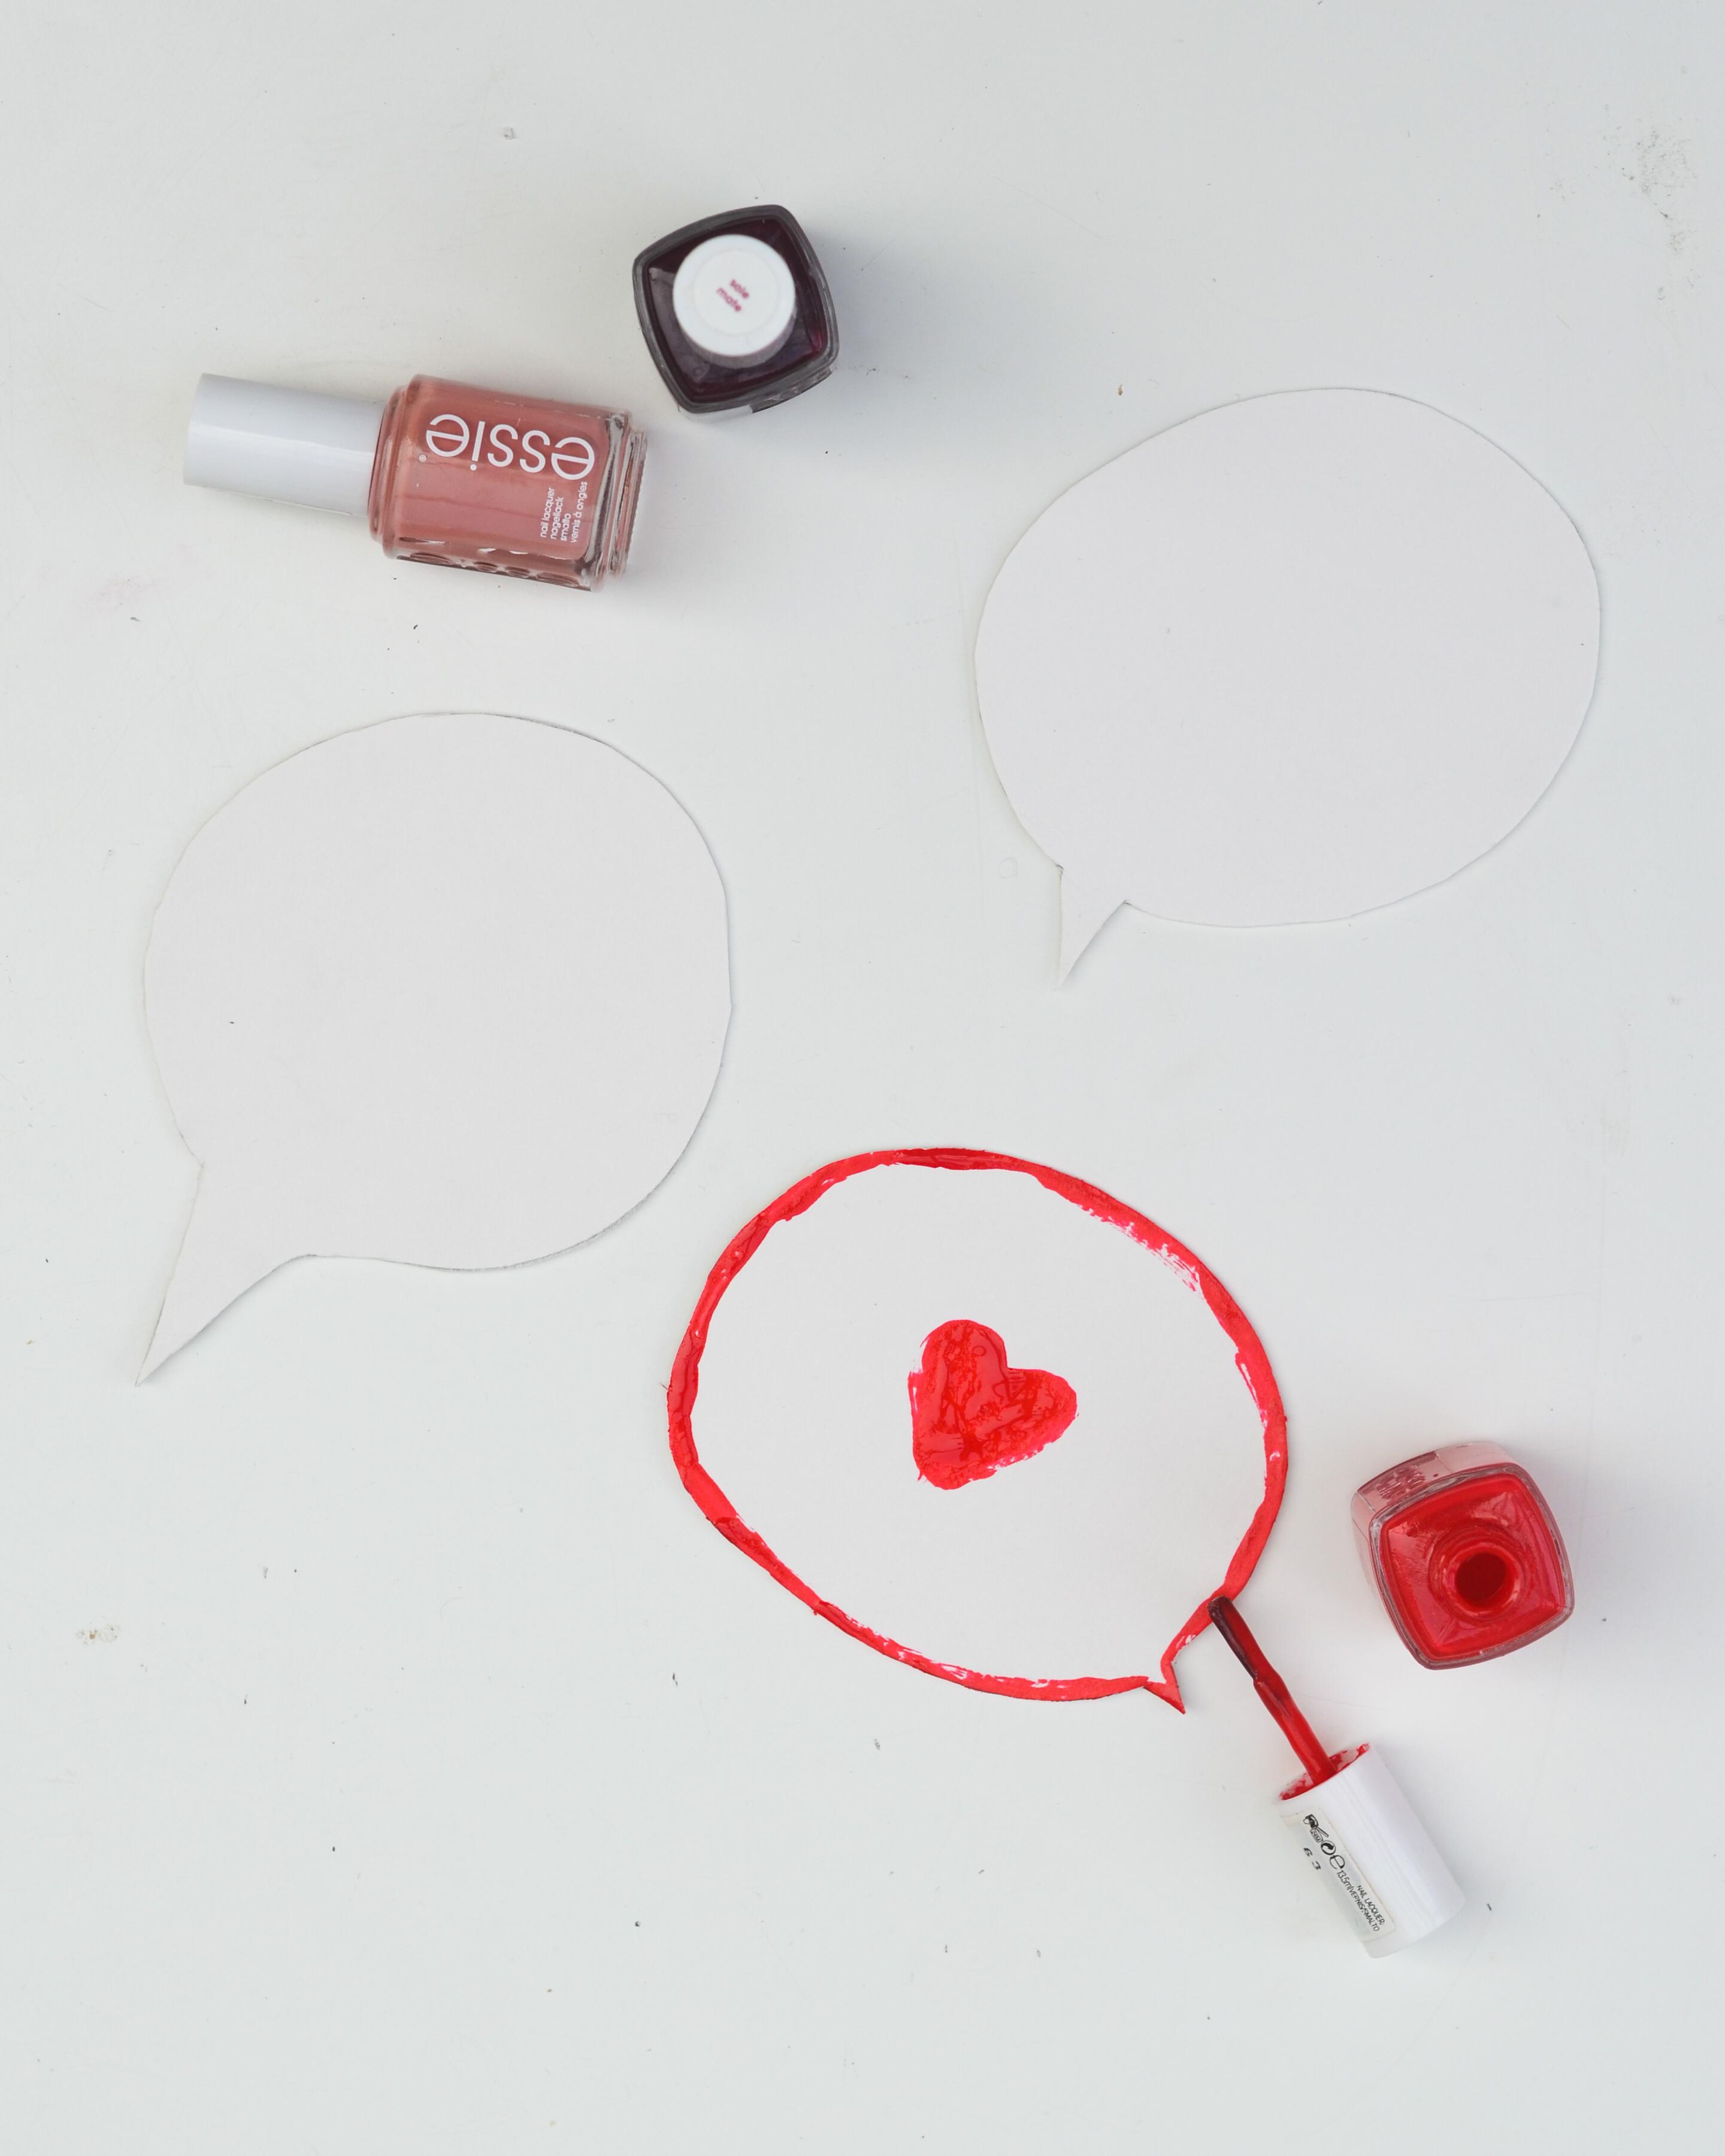 Fixe Diy Sprechblasen Zum Valentinstag Wasfürmich